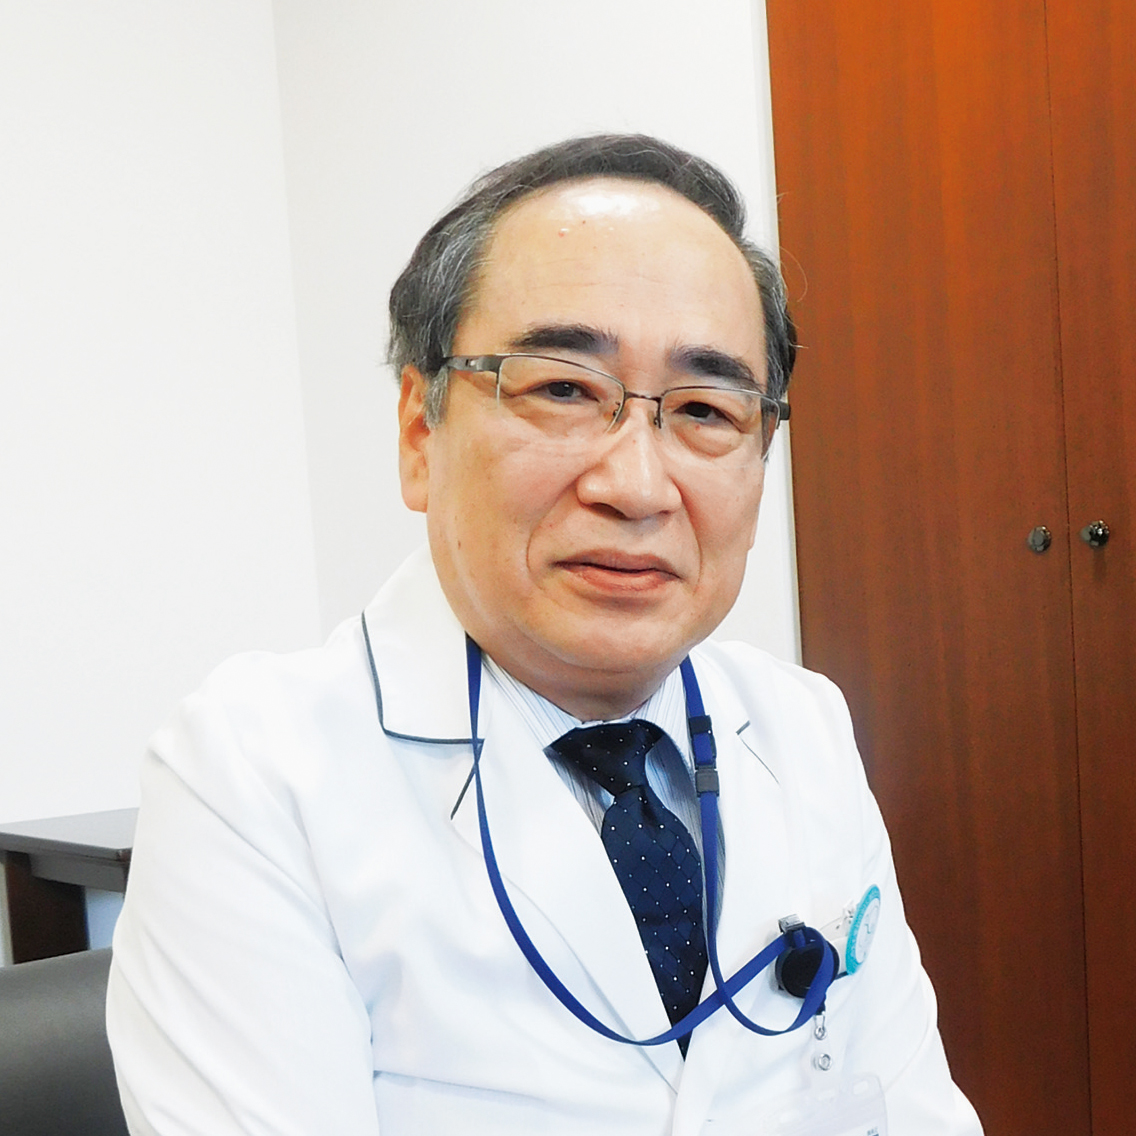 診断、治療、社会復帰へ脳専門病院の挑戦